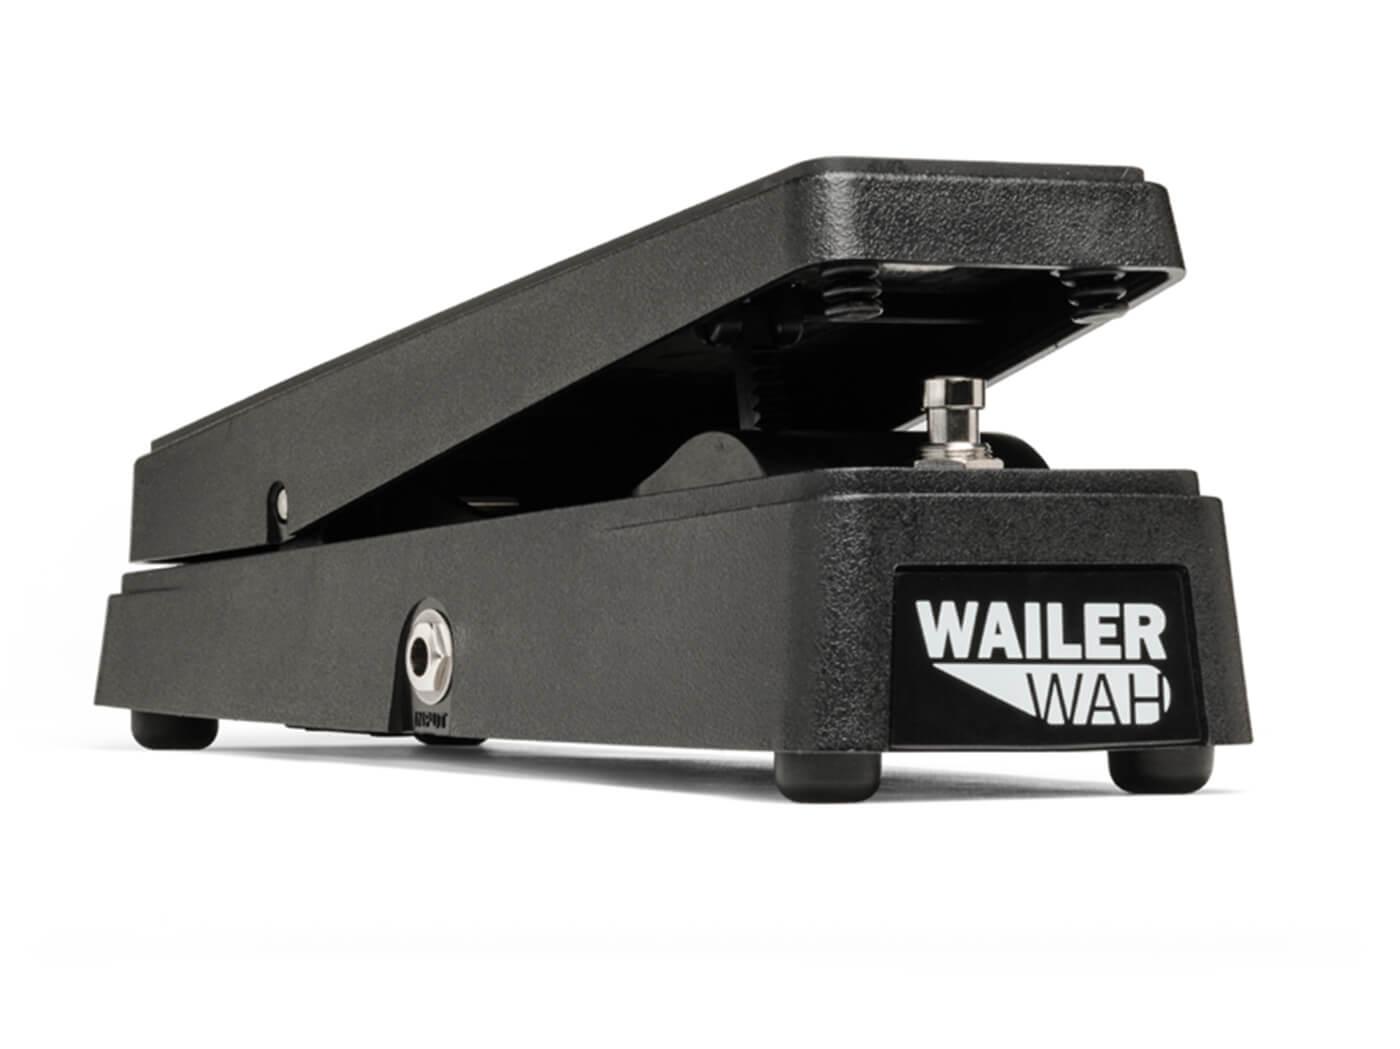 EHX Wailer Wah